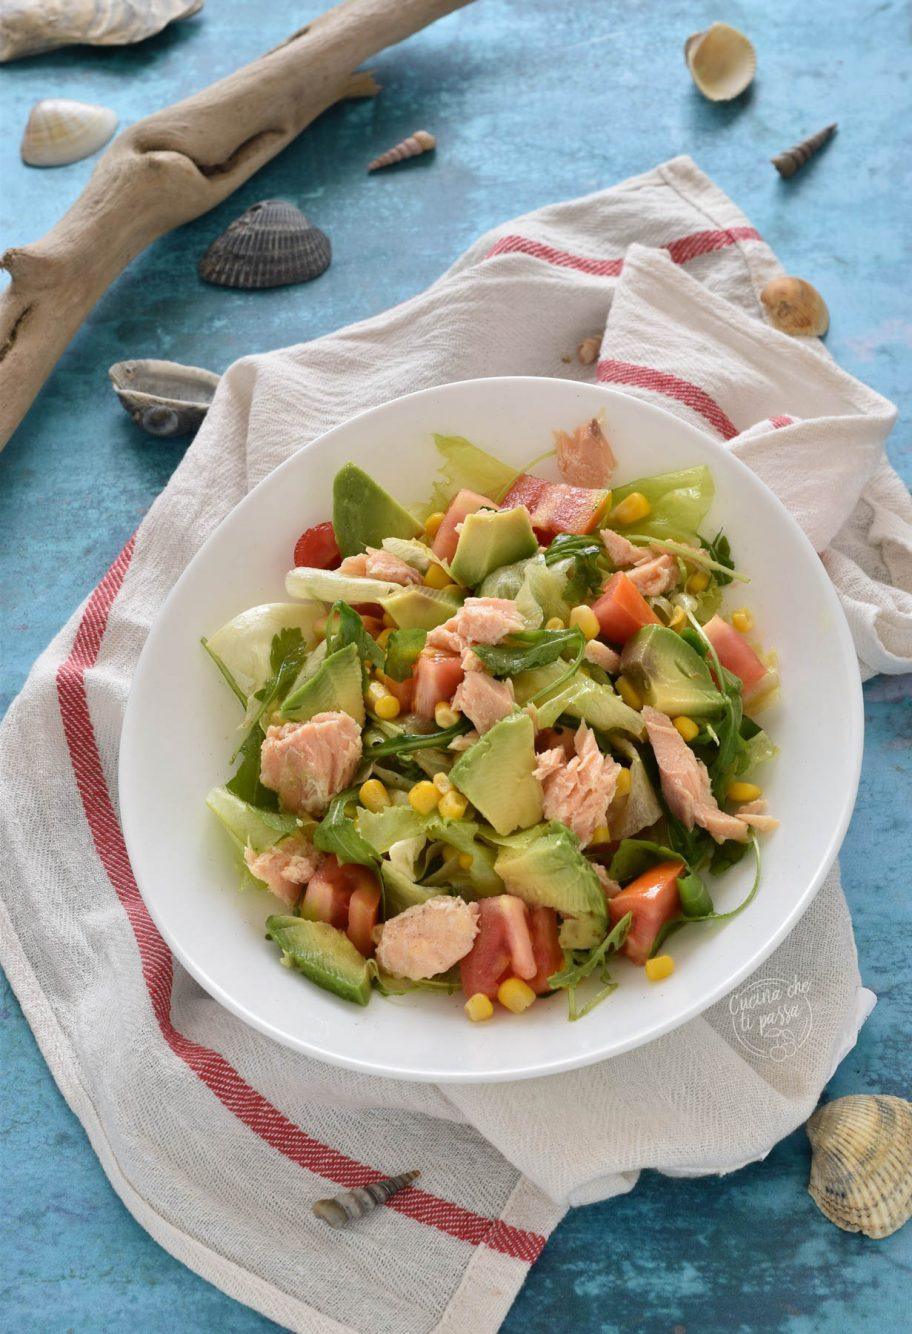 Insalata con avocado e salmone